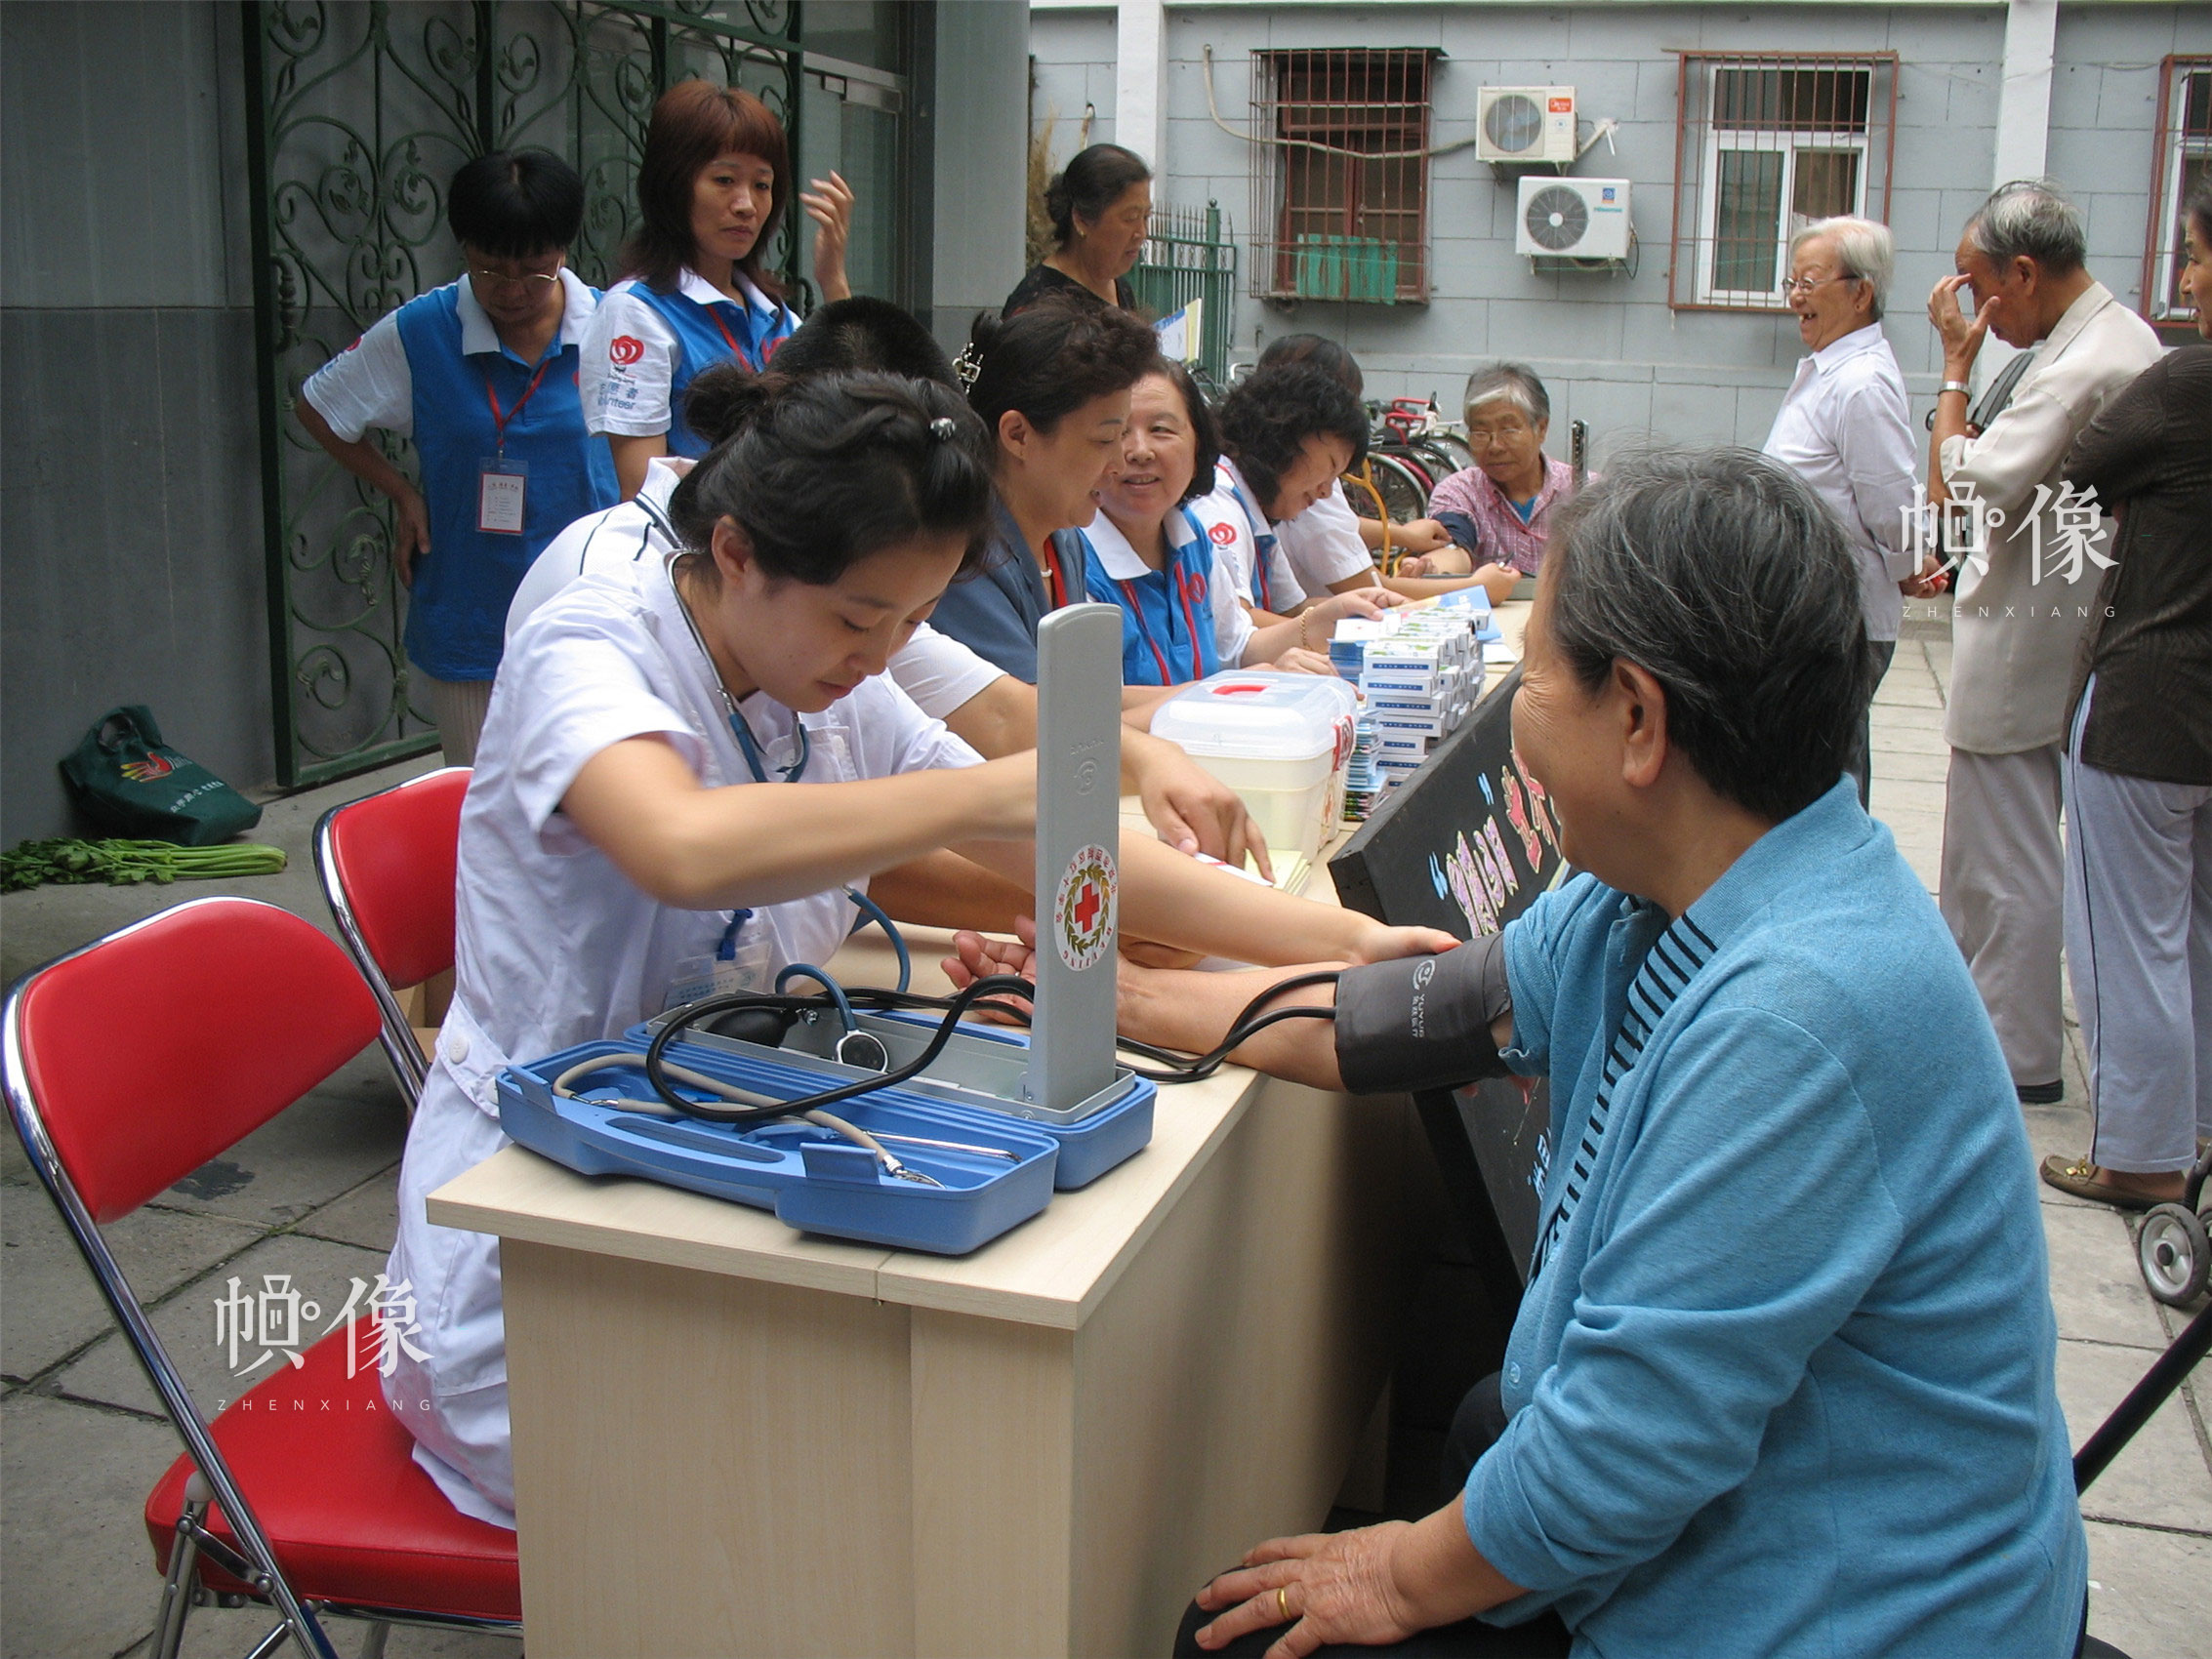 2008年9月13日,西城區紅十字會志願者為社區居民進行義診。(西城區紅十字會供圖)